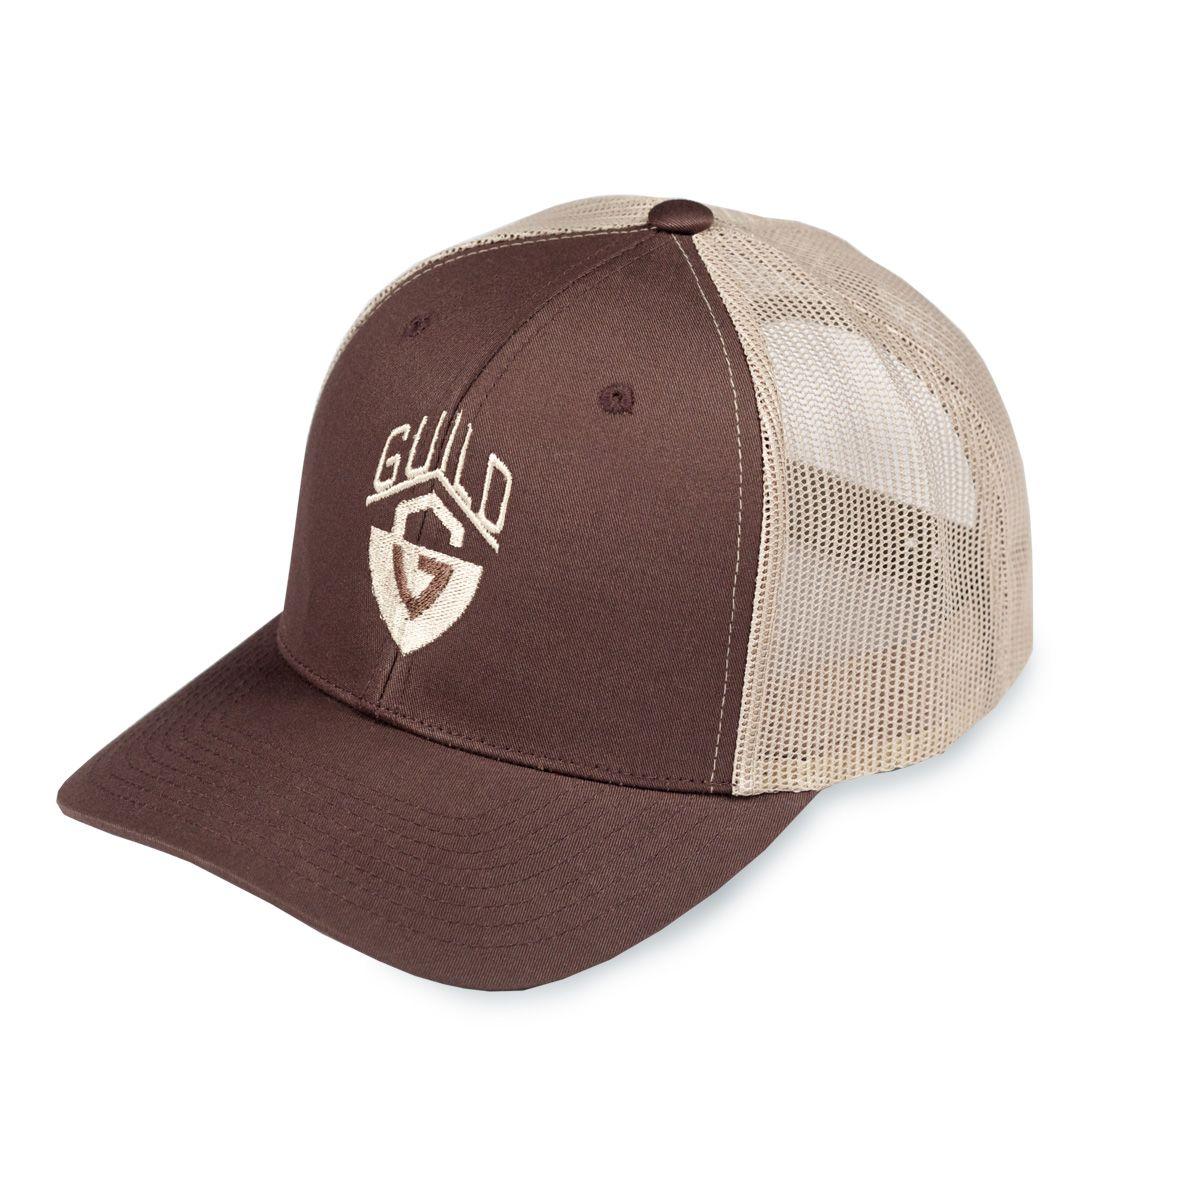 b60cf515e2cde Trucker Hat in Khaki